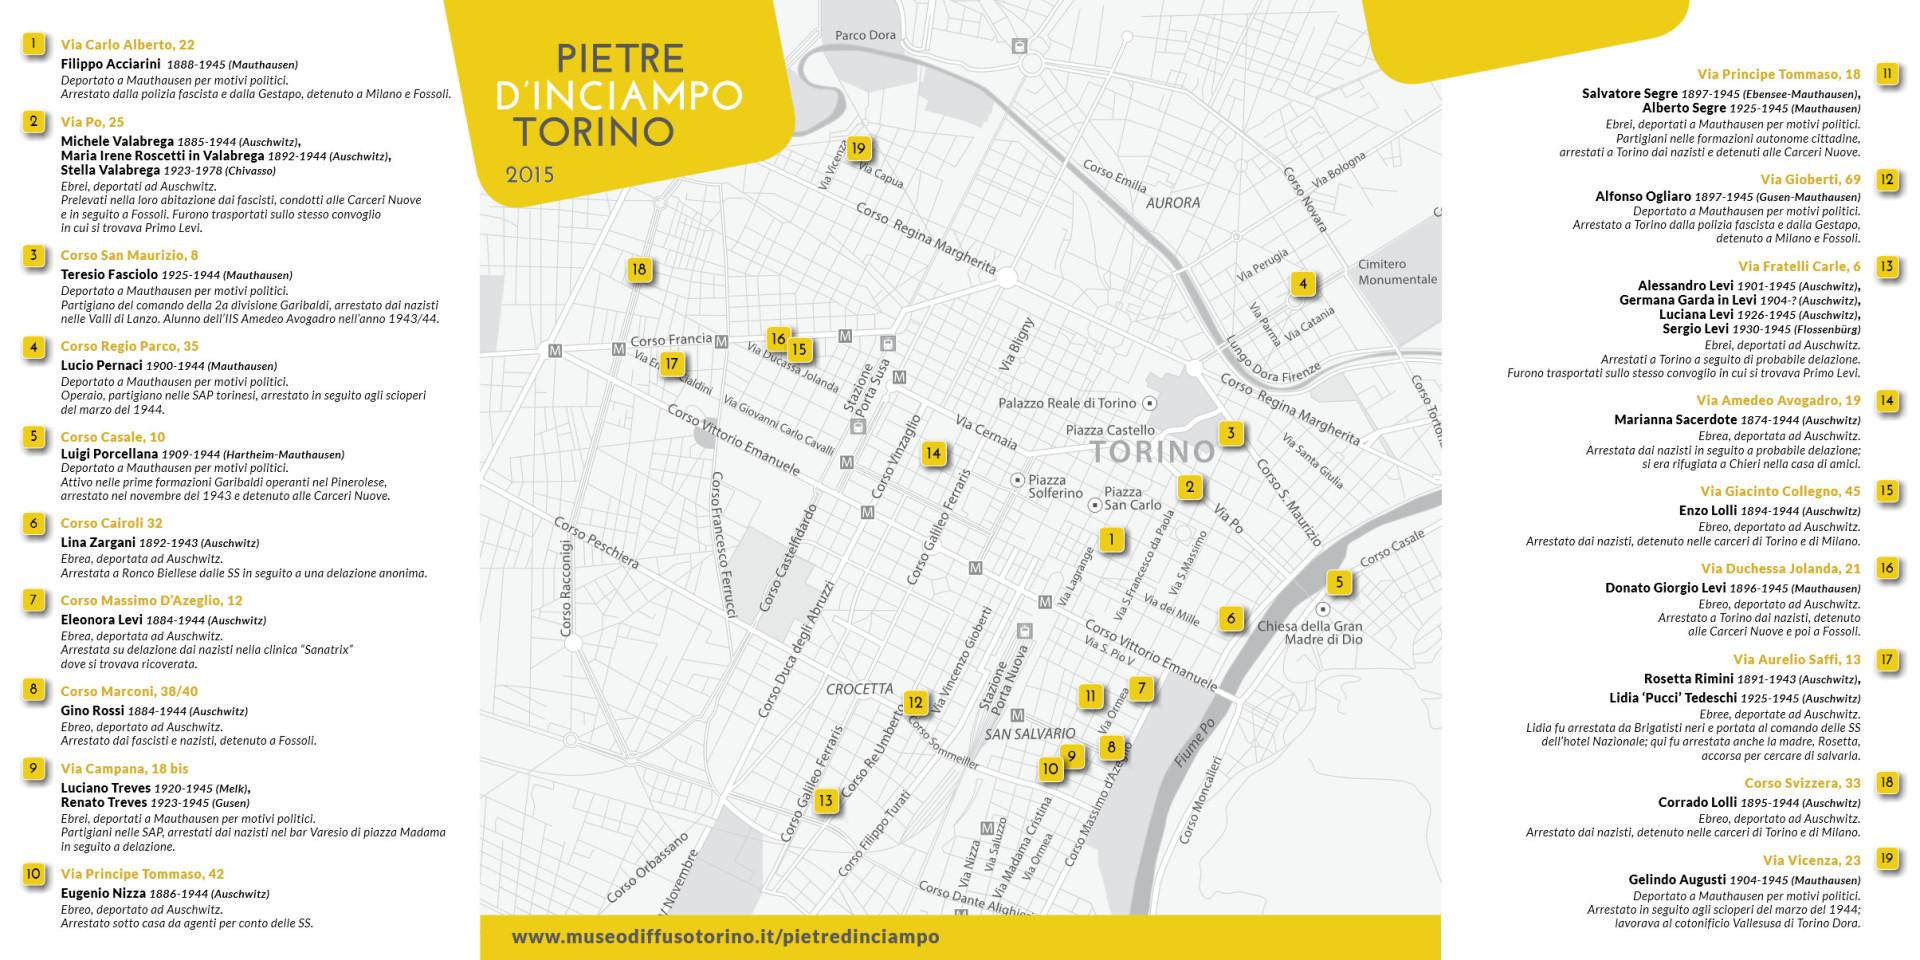 Stolpersteine in Turin